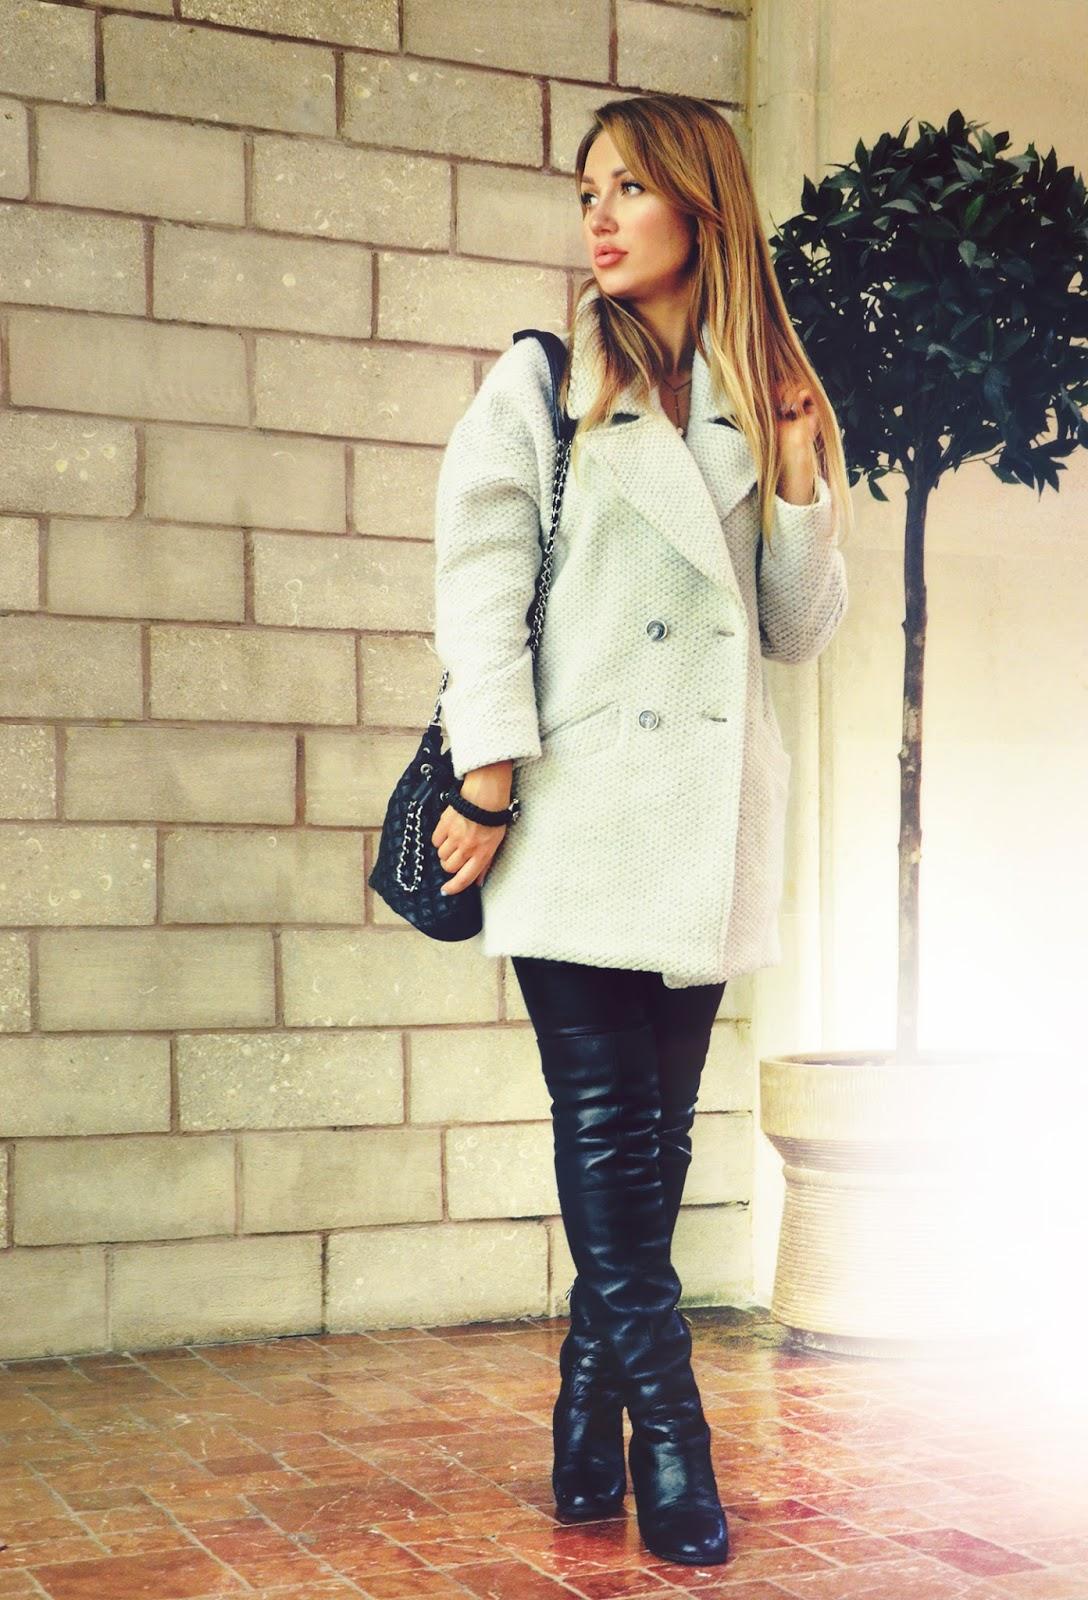 модные образы, блоггеры россии, модные блоггеры фото, модные луки блоггеров, модные образы блоггеров весна лето 2015 fashion